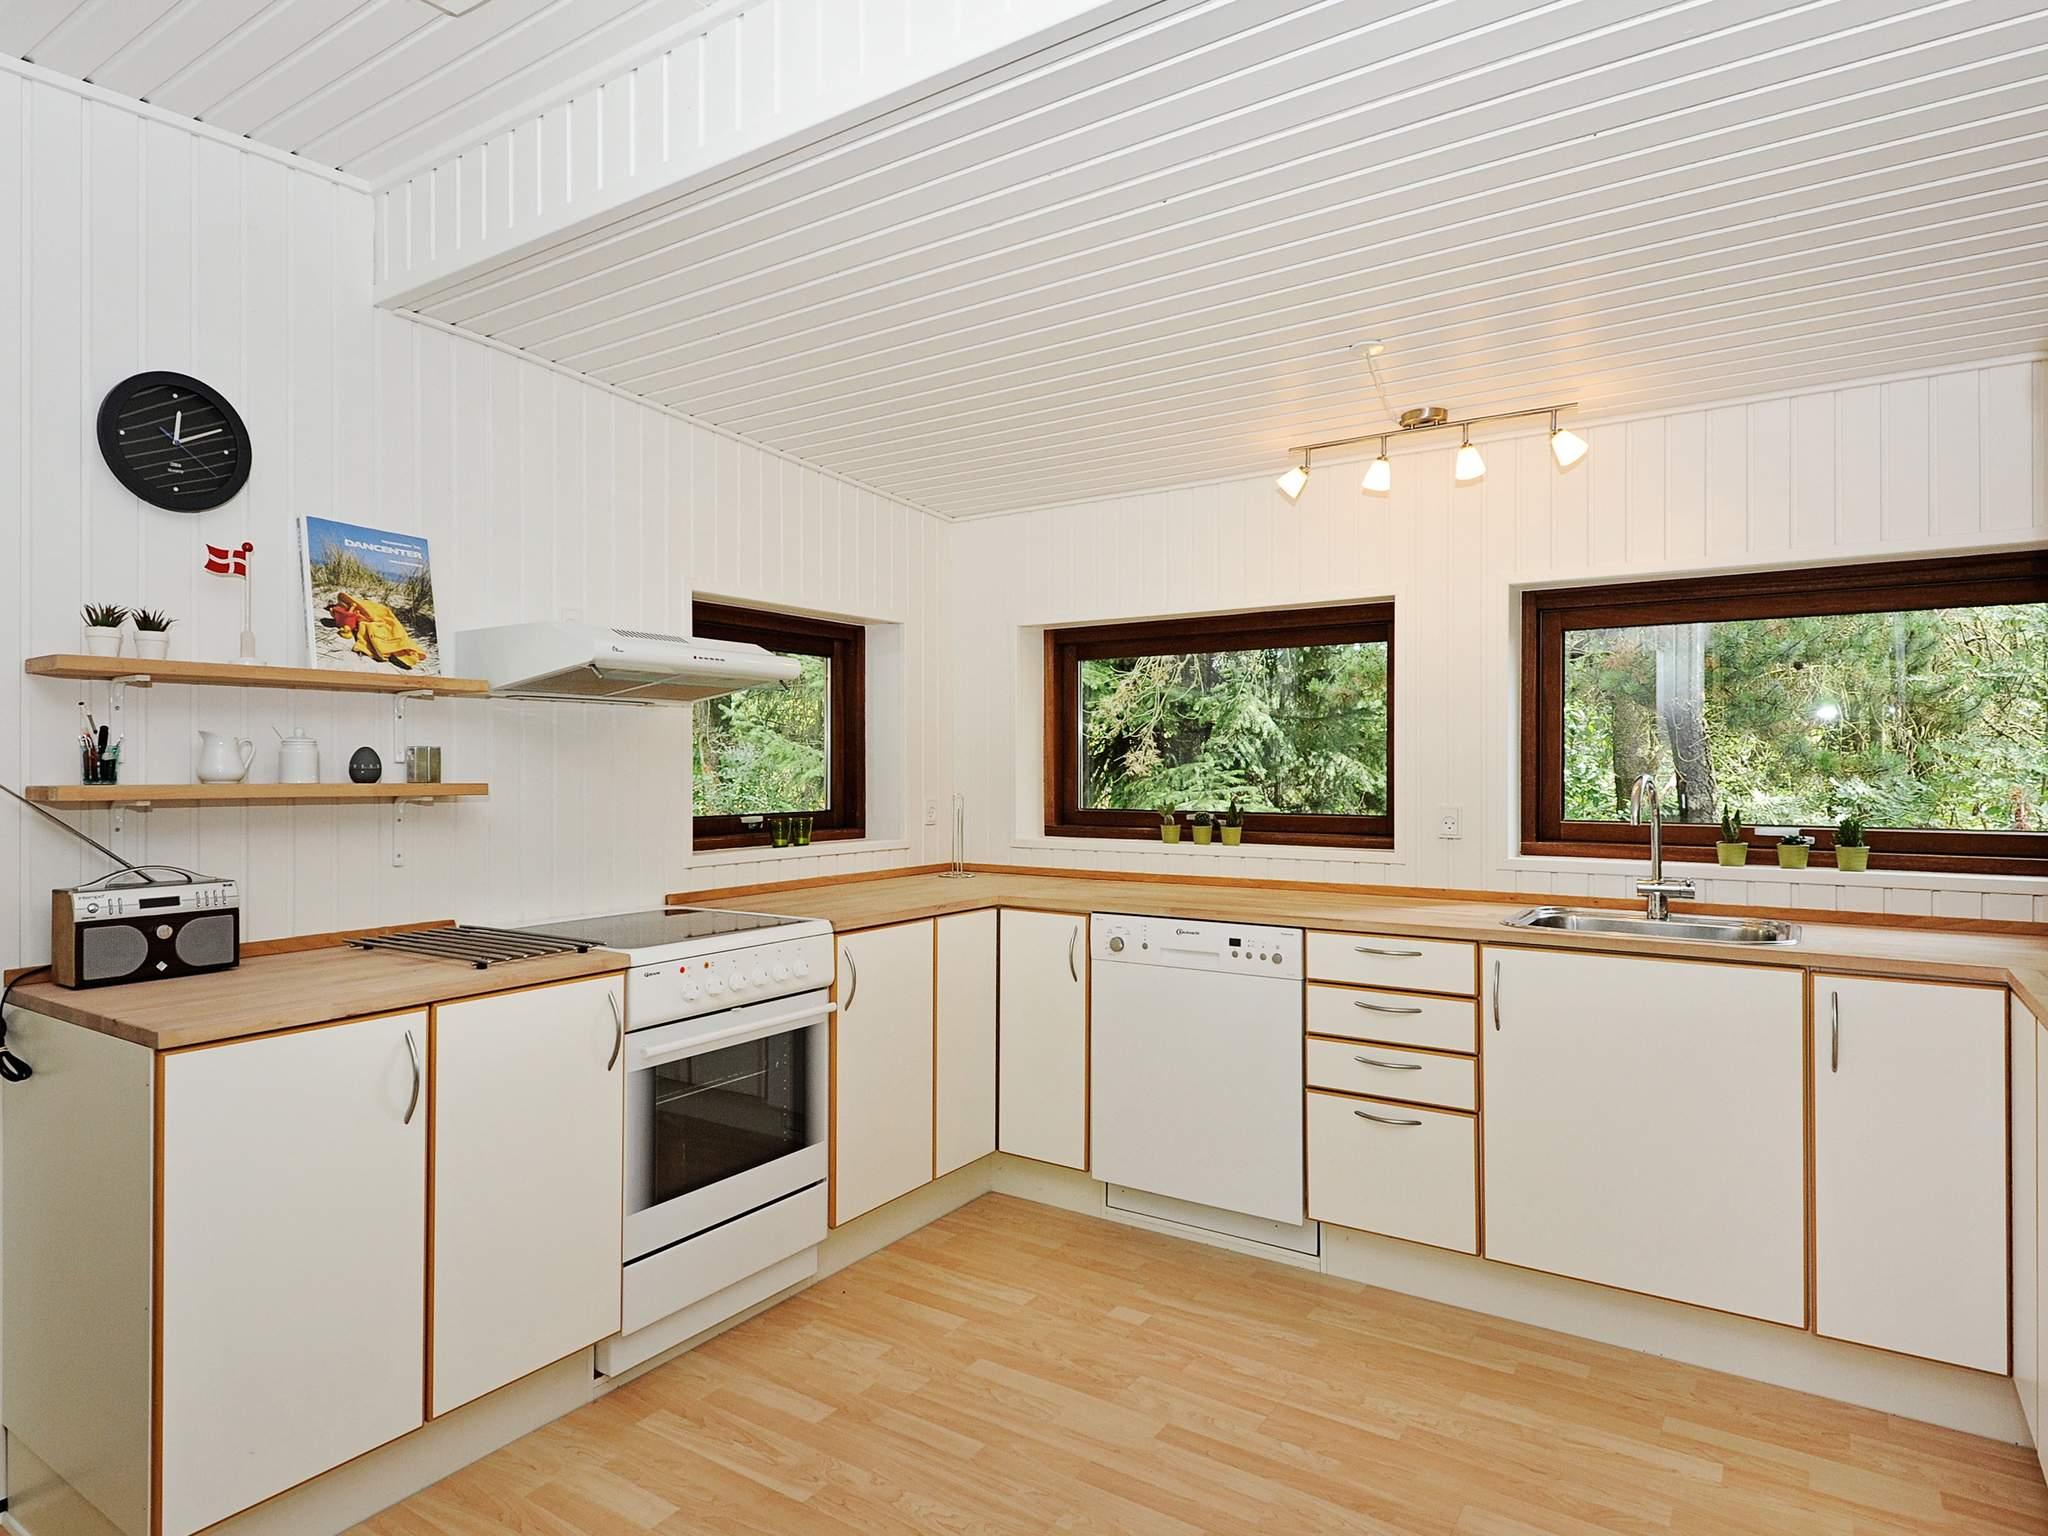 Ferienhaus Guldforhoved (647808), Guldforhoved, , Westjütland, Dänemark, Bild 2